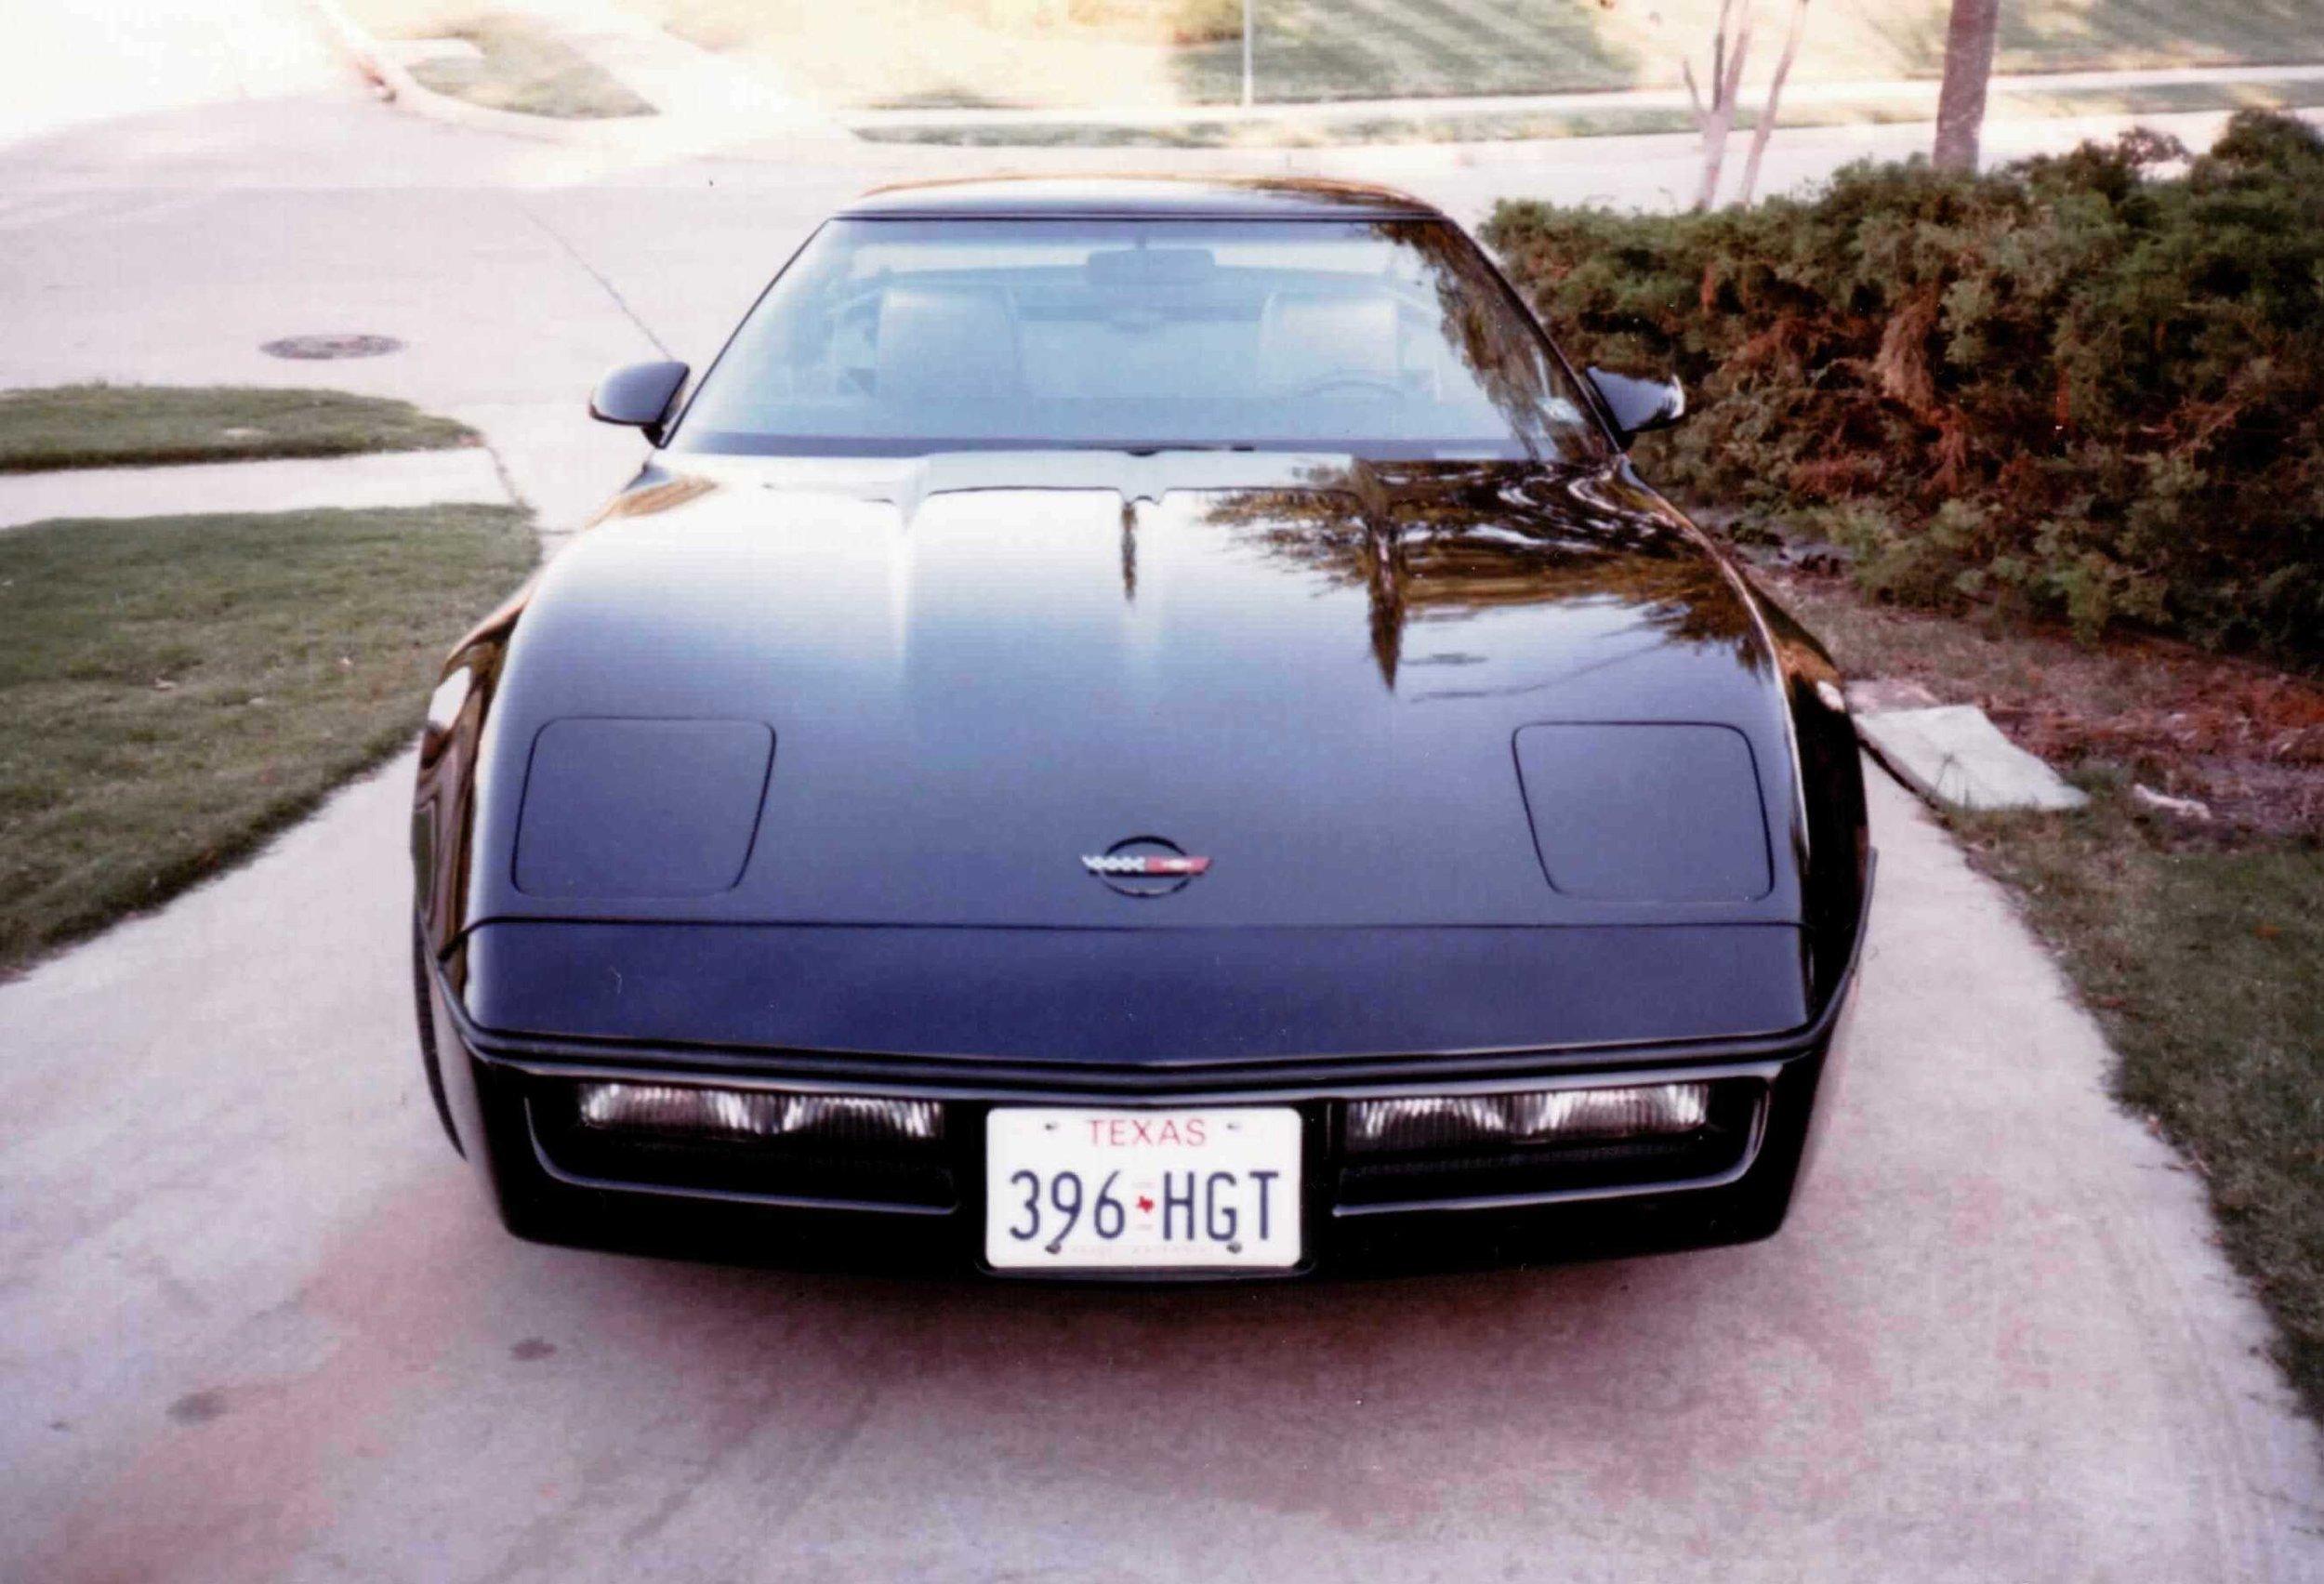 My 1985 Corvette in Dallas, Texas